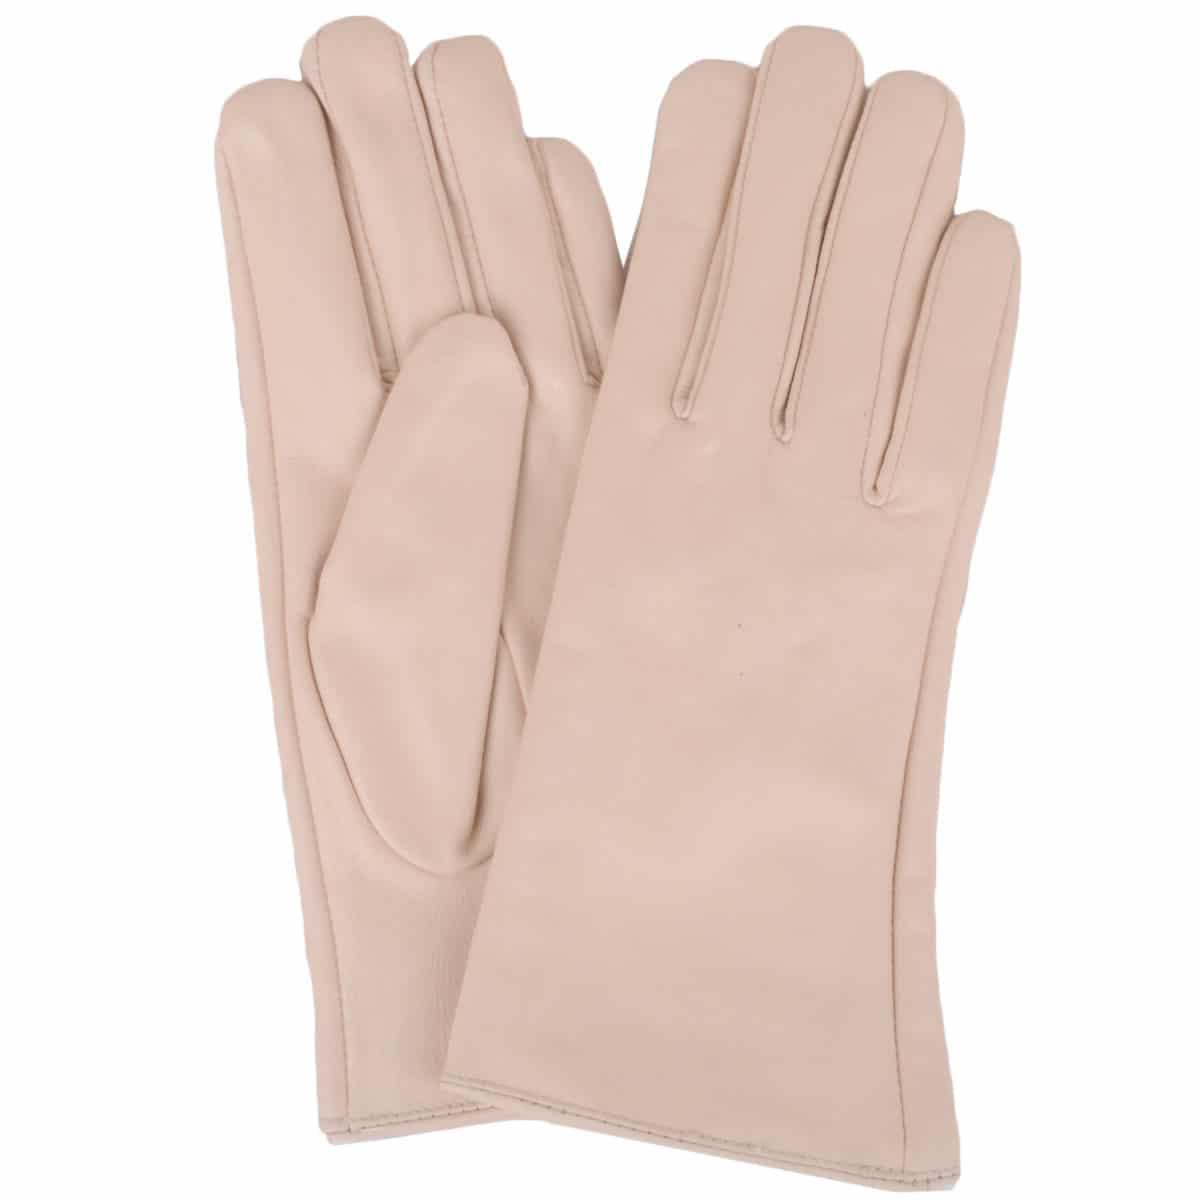 Tamara - Leather Gloves - Beige